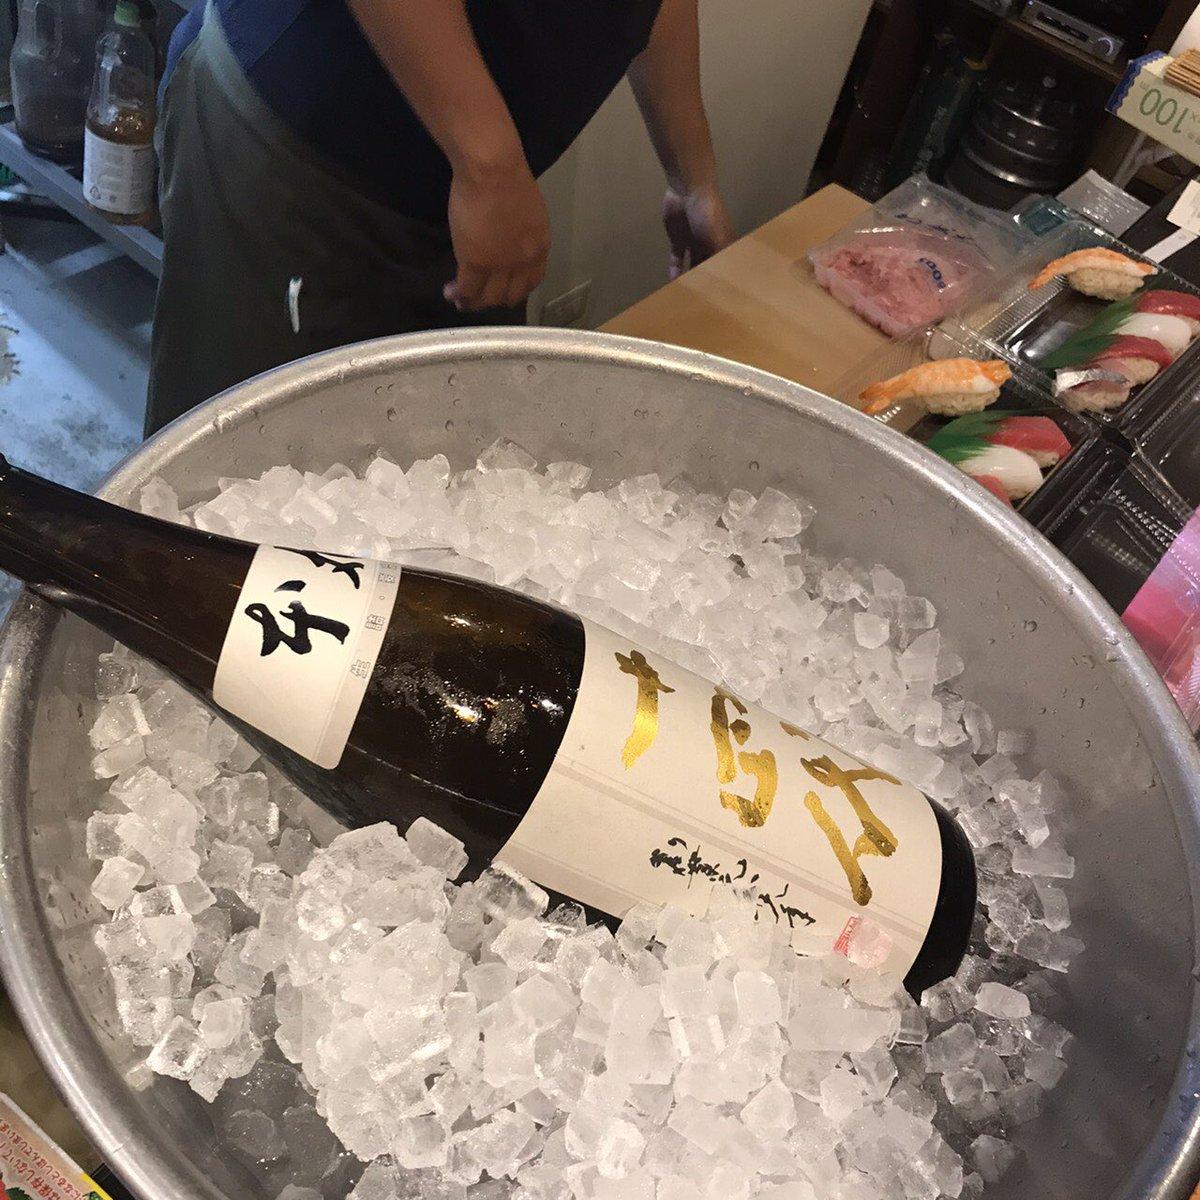 test ツイッターメディア - 今日はやばいことになった。 まさかの十四代一升とNo.6の四合瓶ボトル。 ワインクーラーならぬ、日本酒クーラー@ボウル。 https://t.co/QU7f6dB8QD